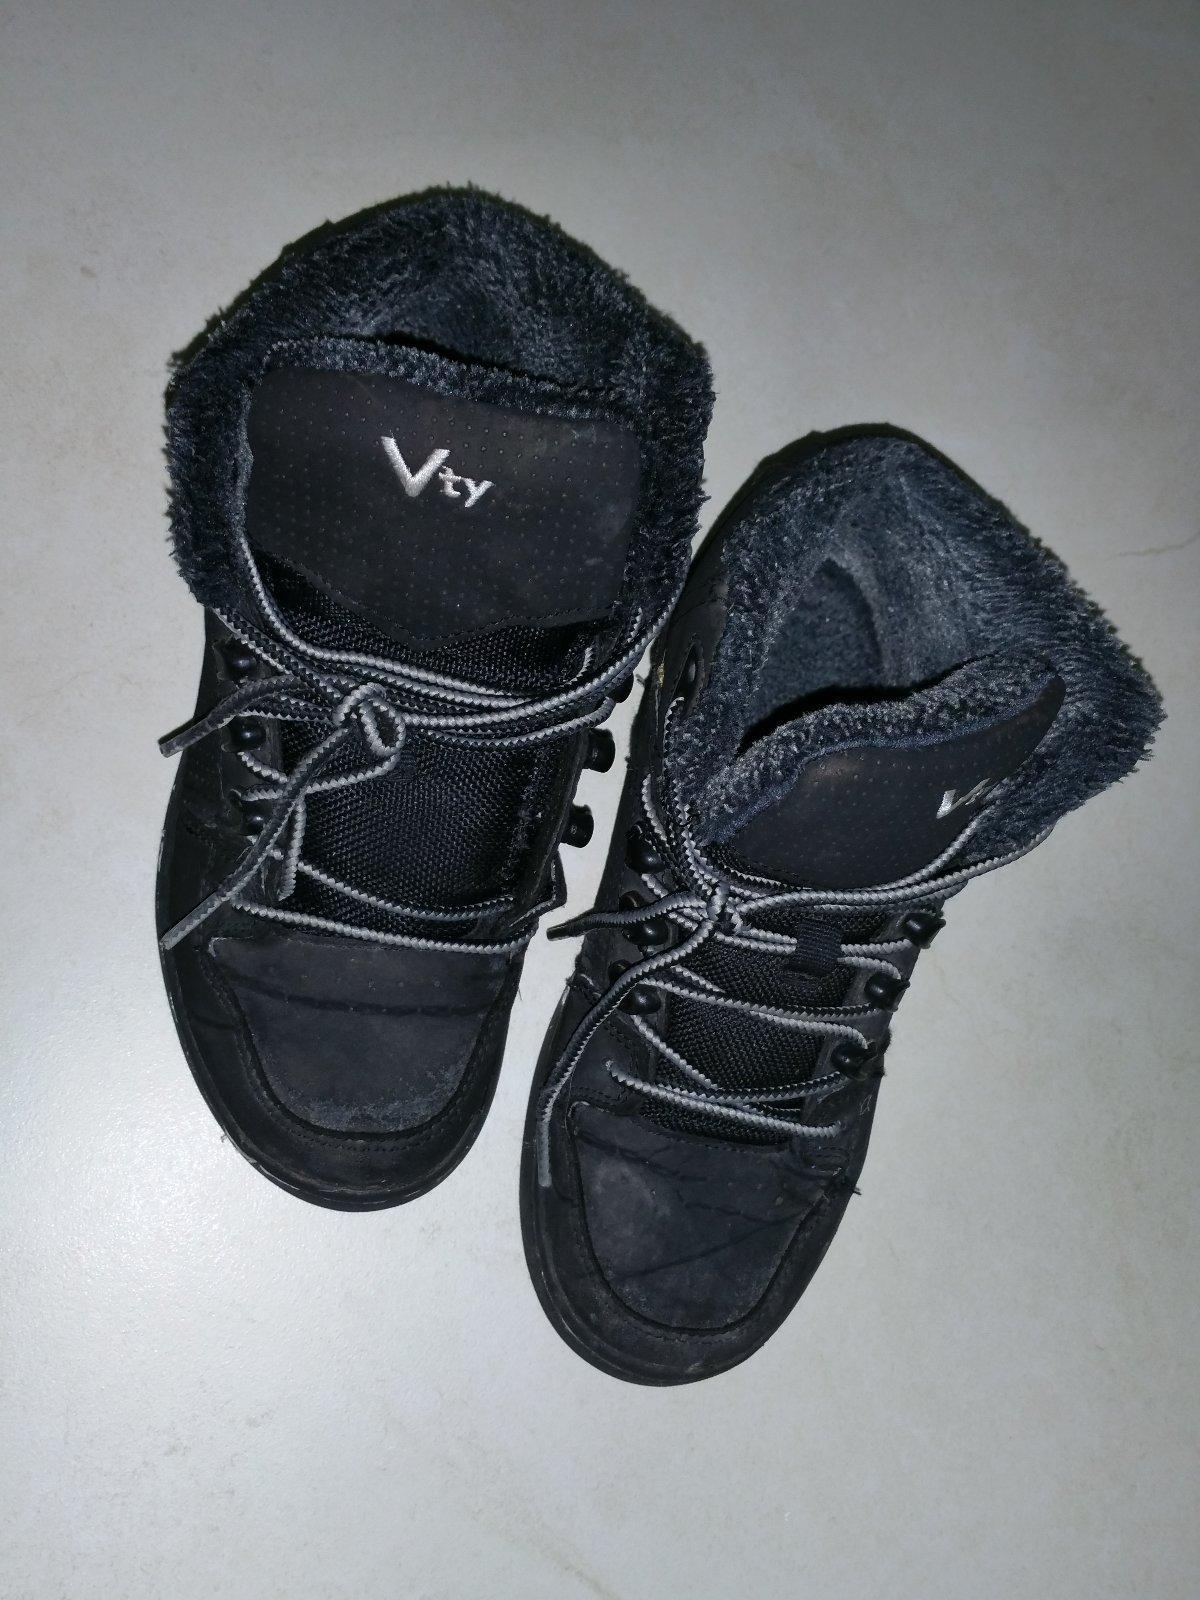 Topánky zima deichmann vty 34 nosené 31432cbc664